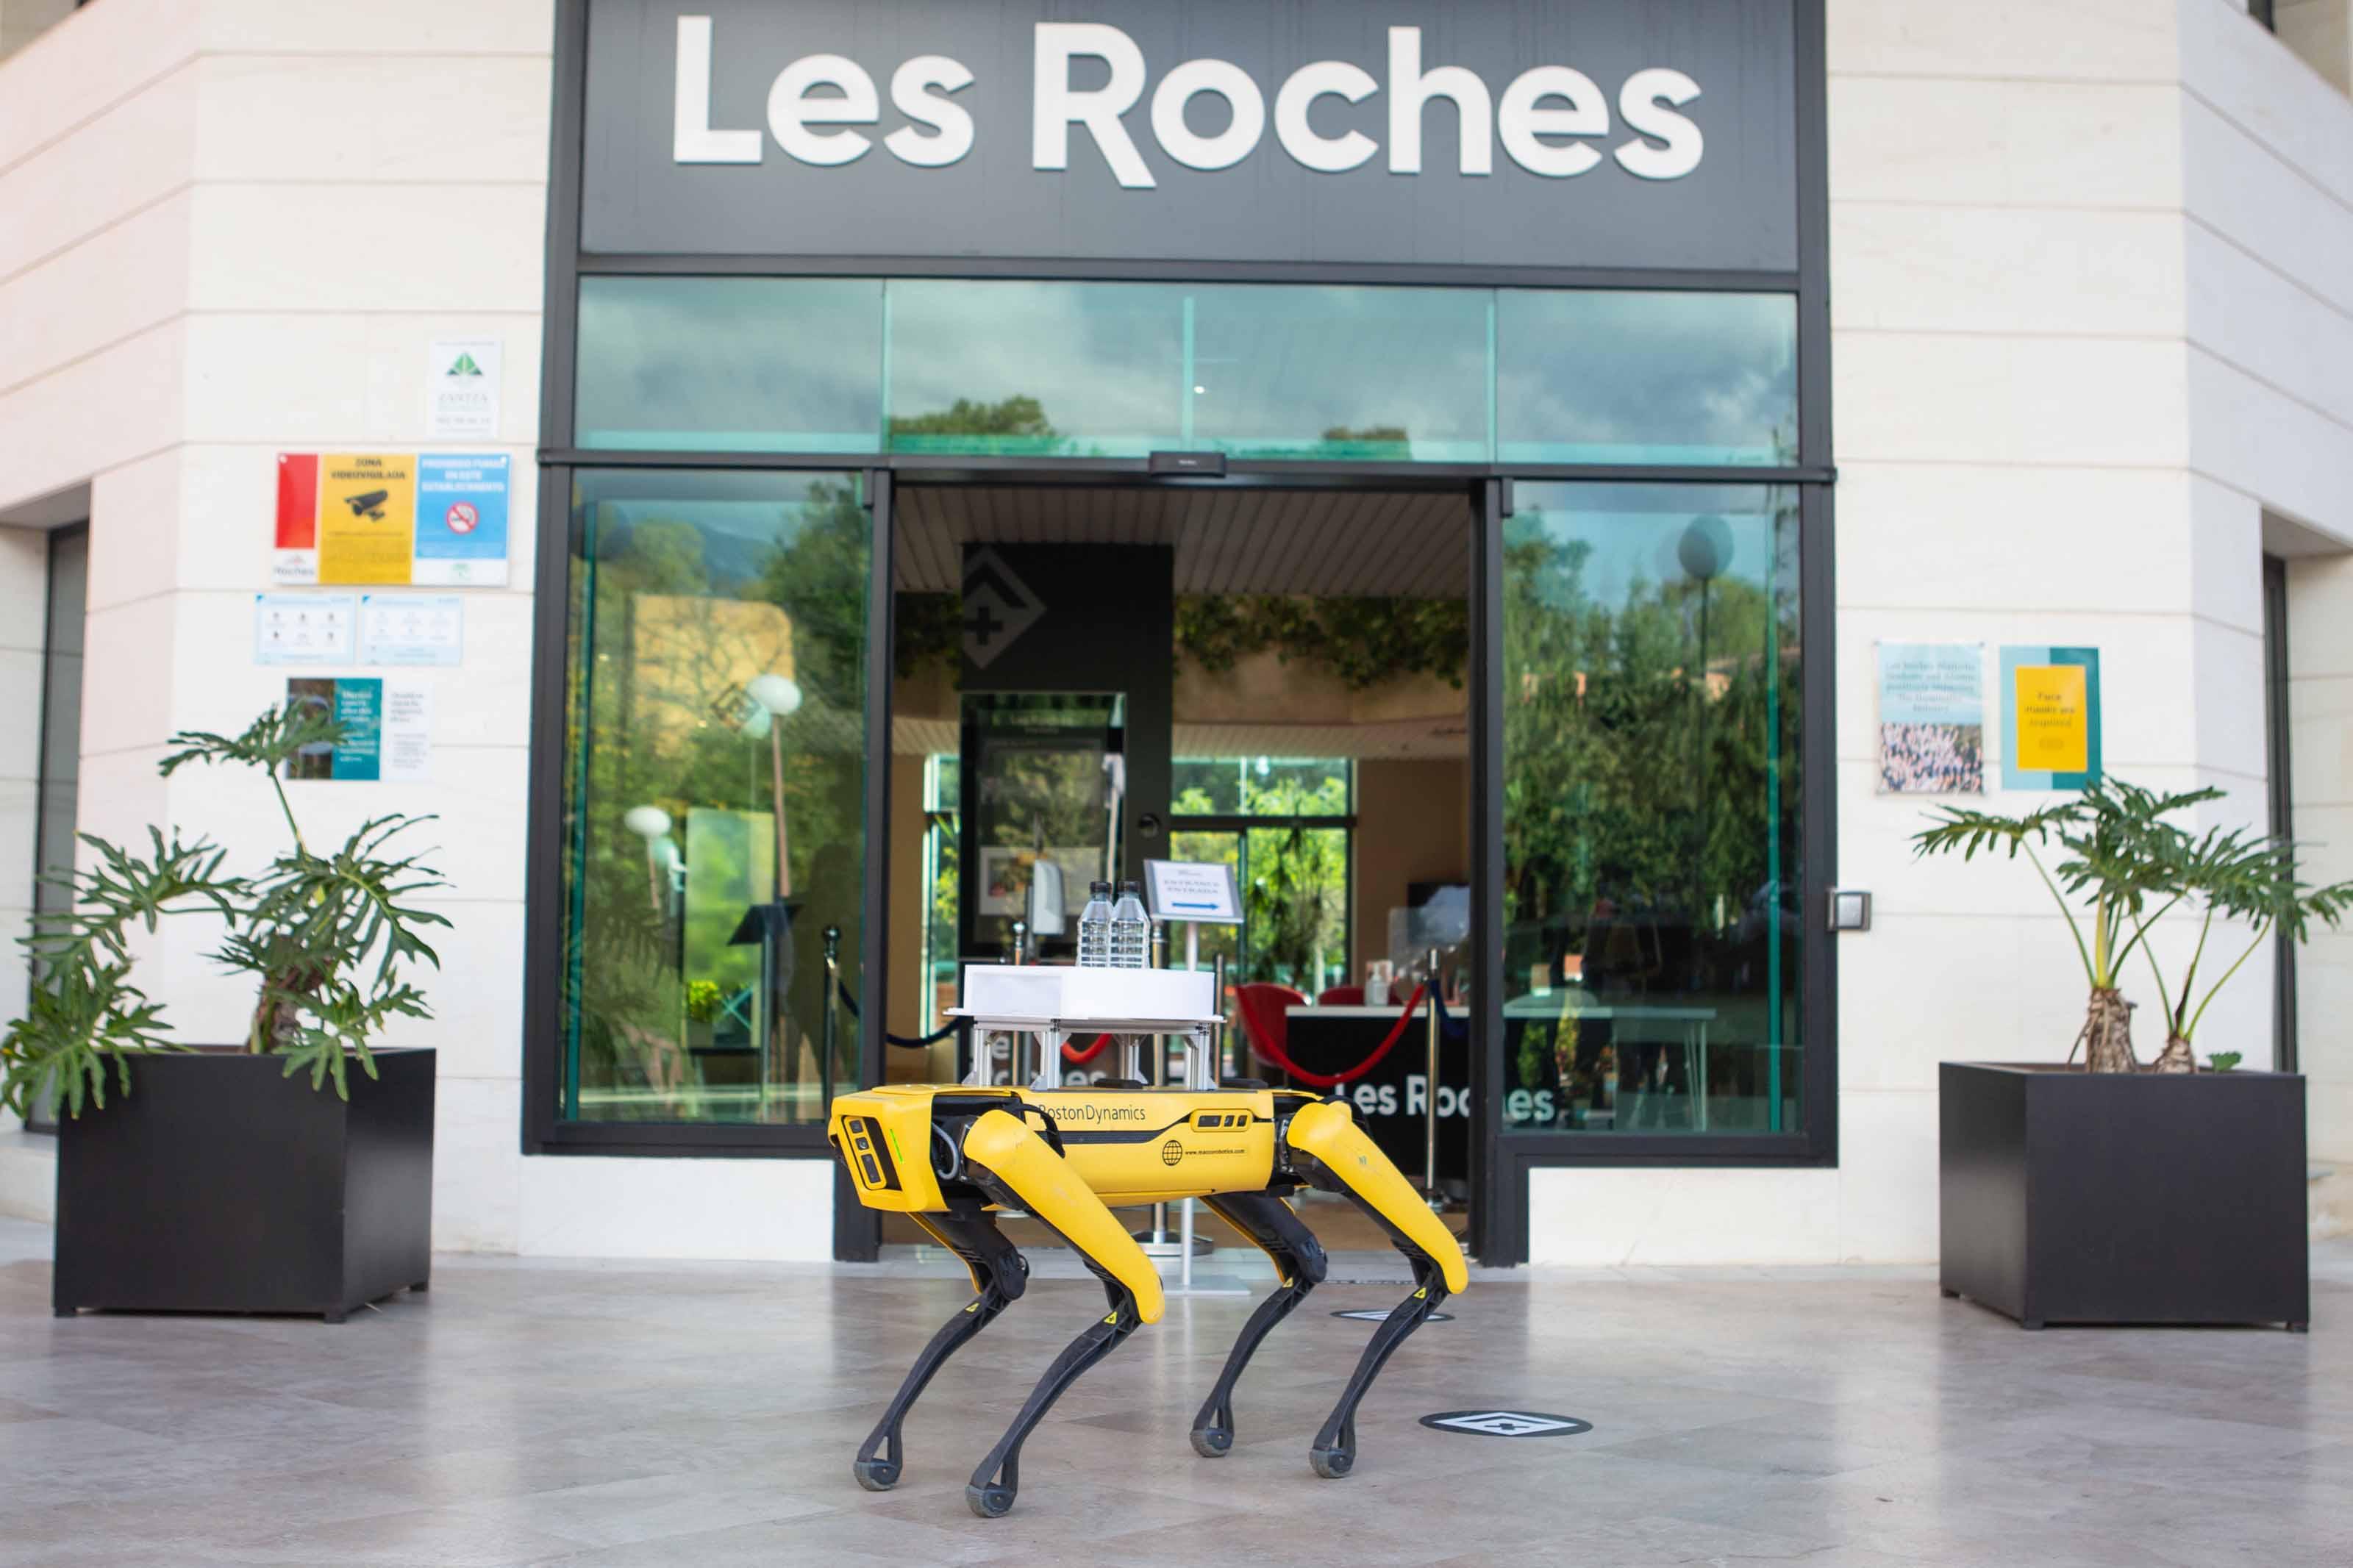 Les Roches Marbella se convierte en un laboratorio de innovación turística